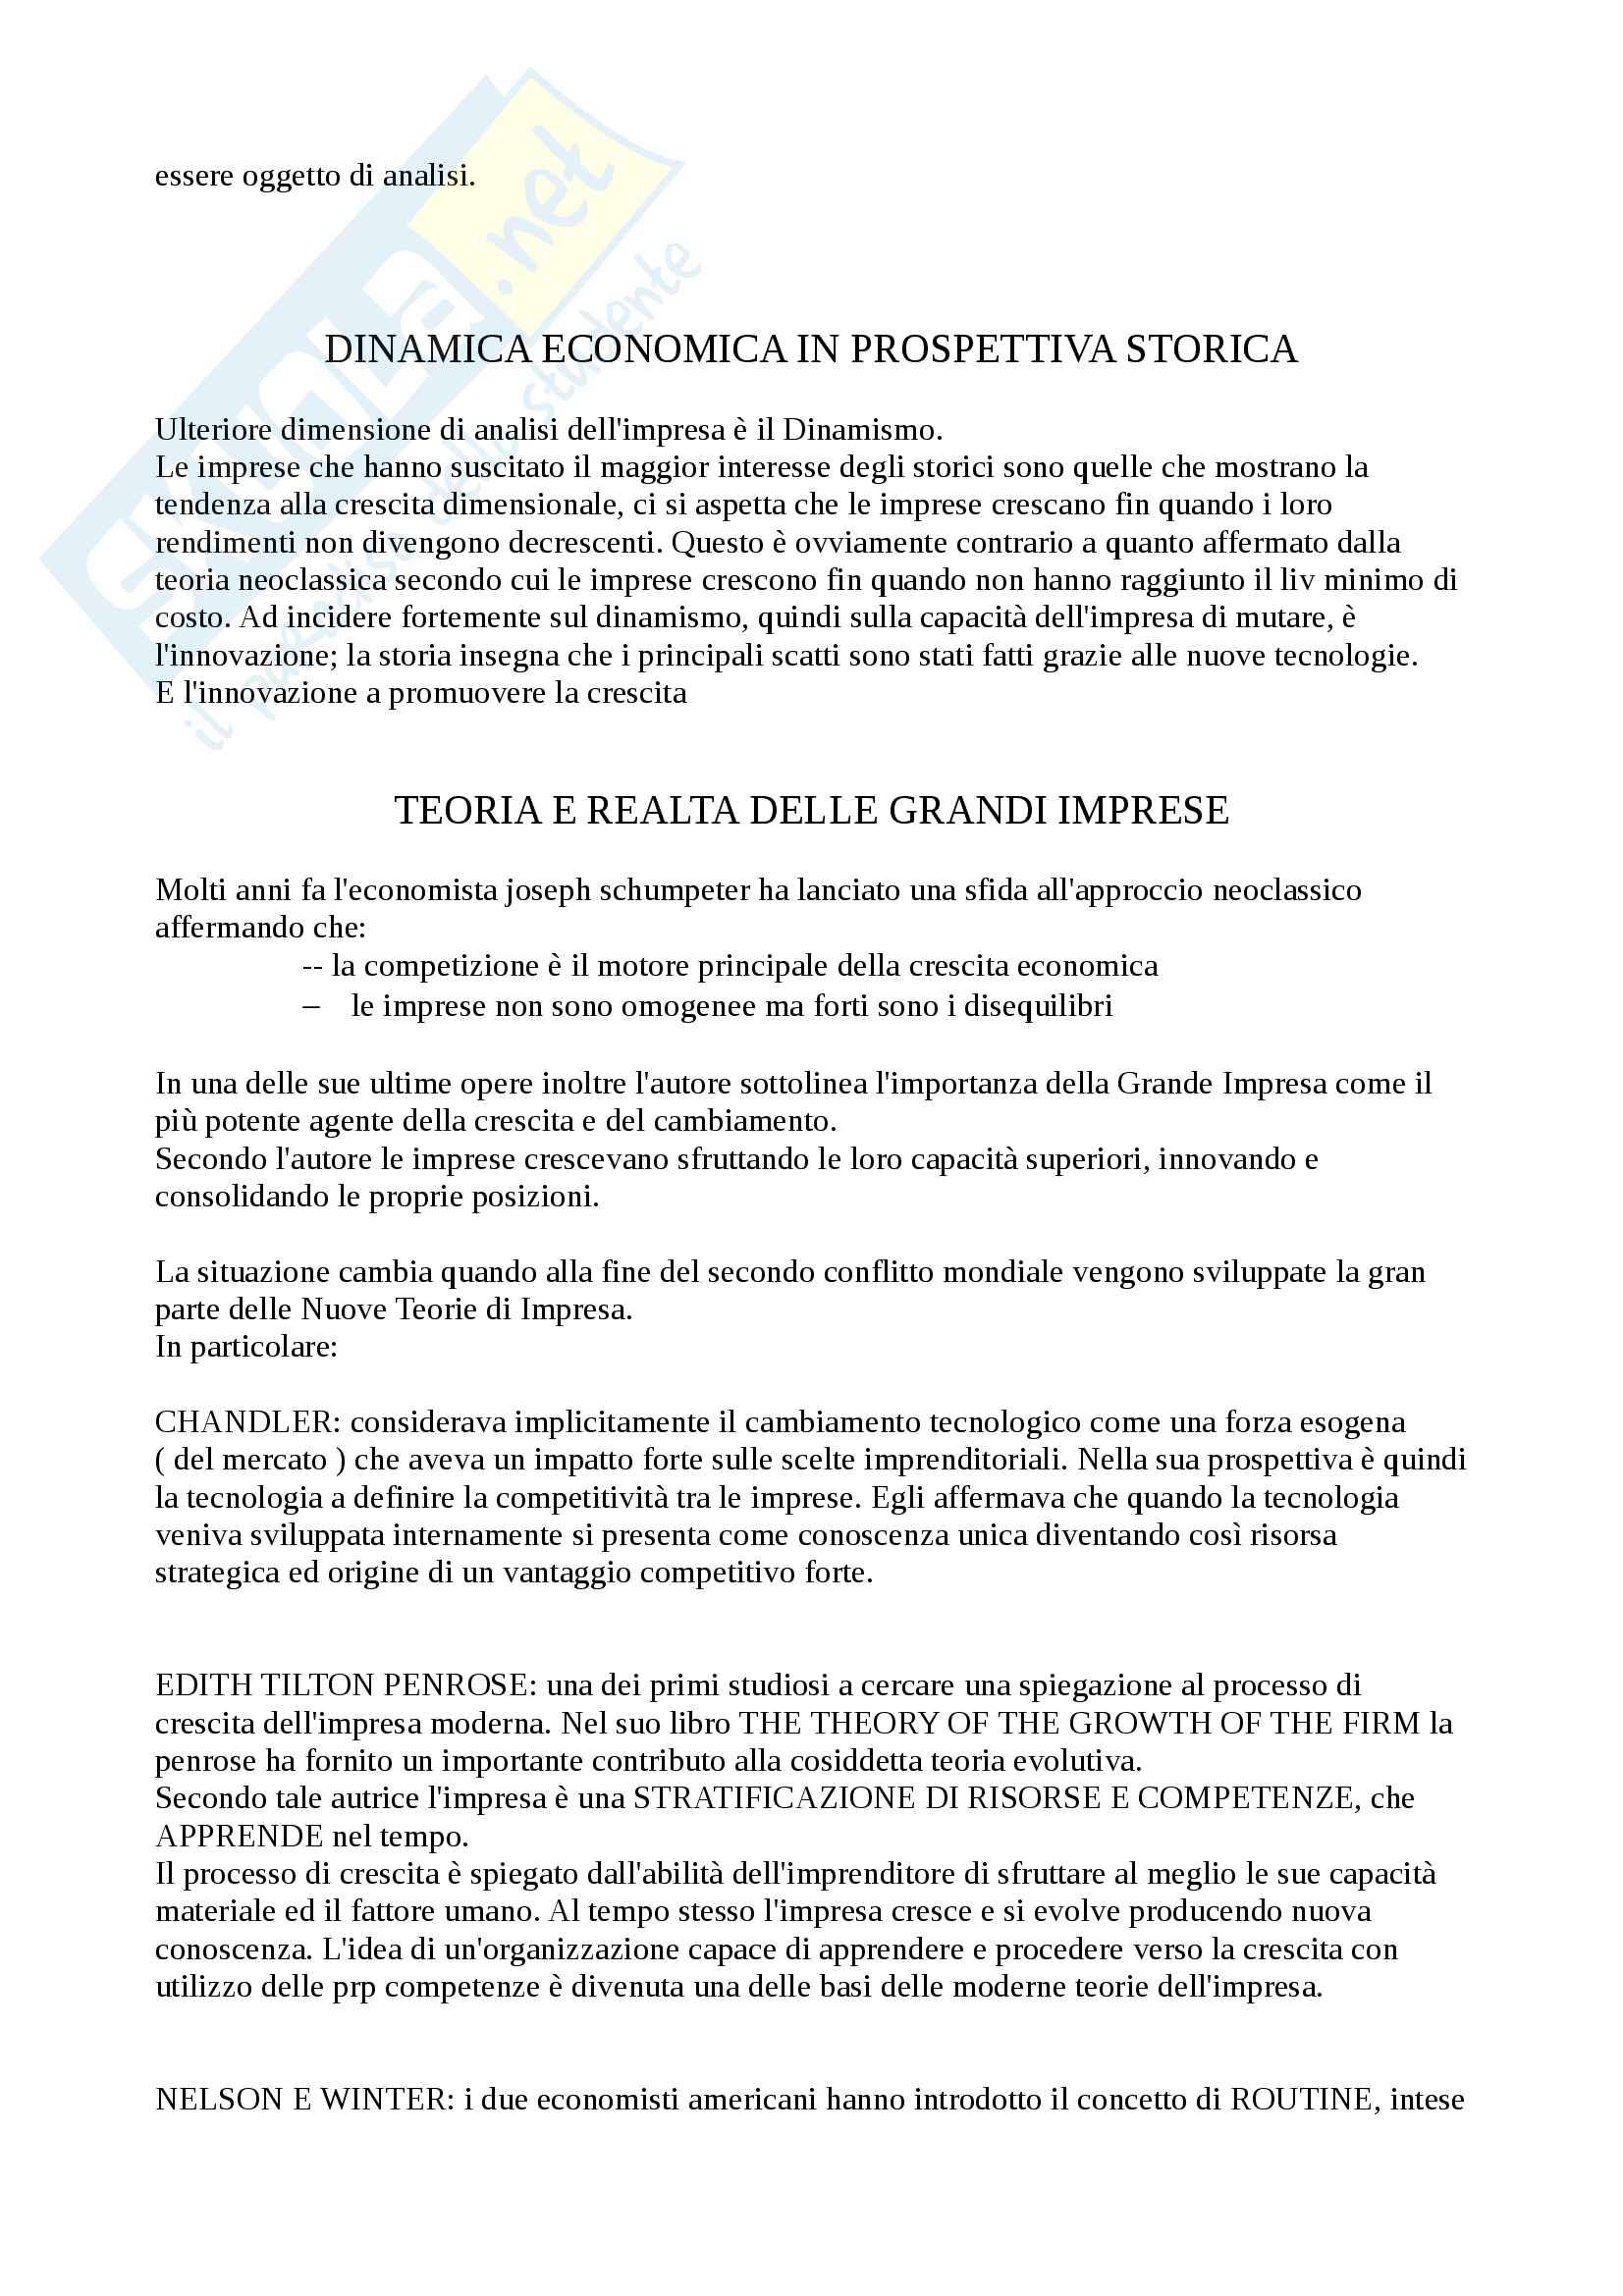 Storia dell'impresa (Appunti) Pag. 2